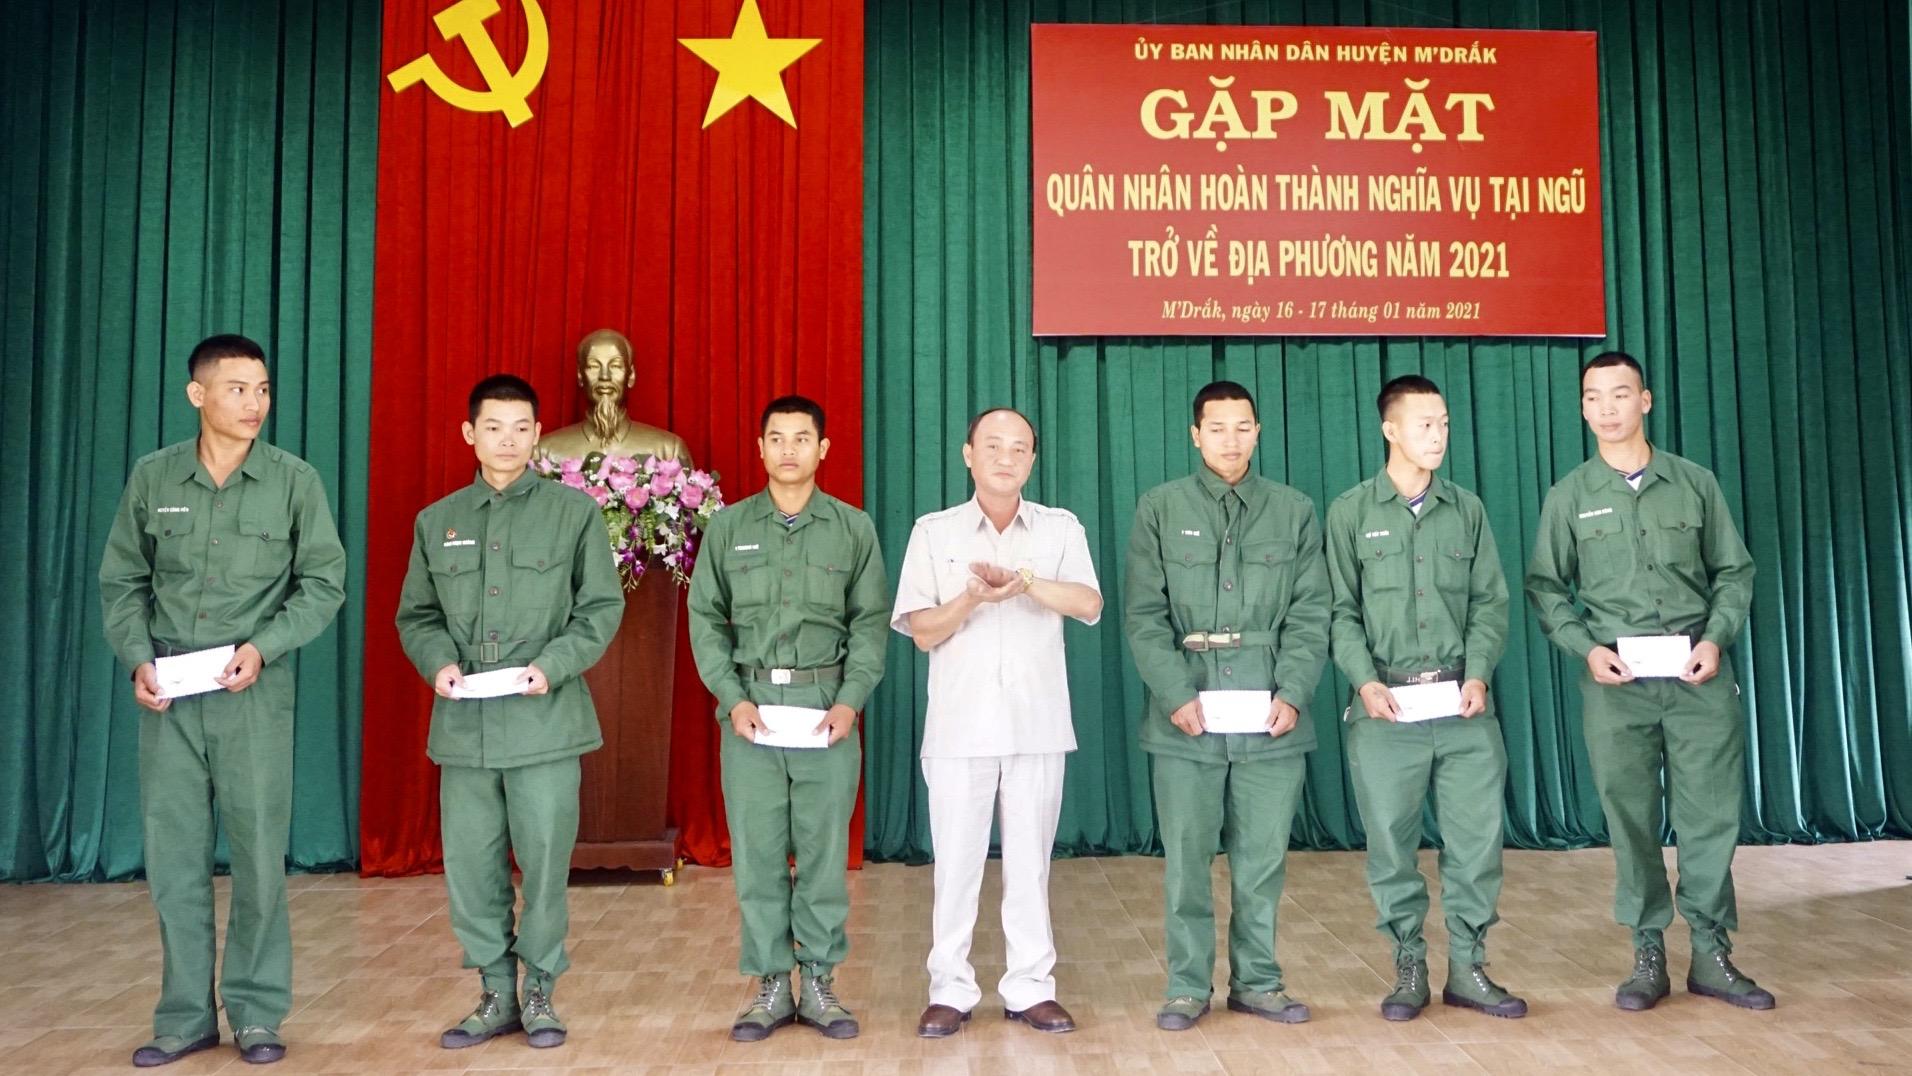 Huyện M'Đrắk đón 116 quân nhân xuất ngũ trở về địa phương